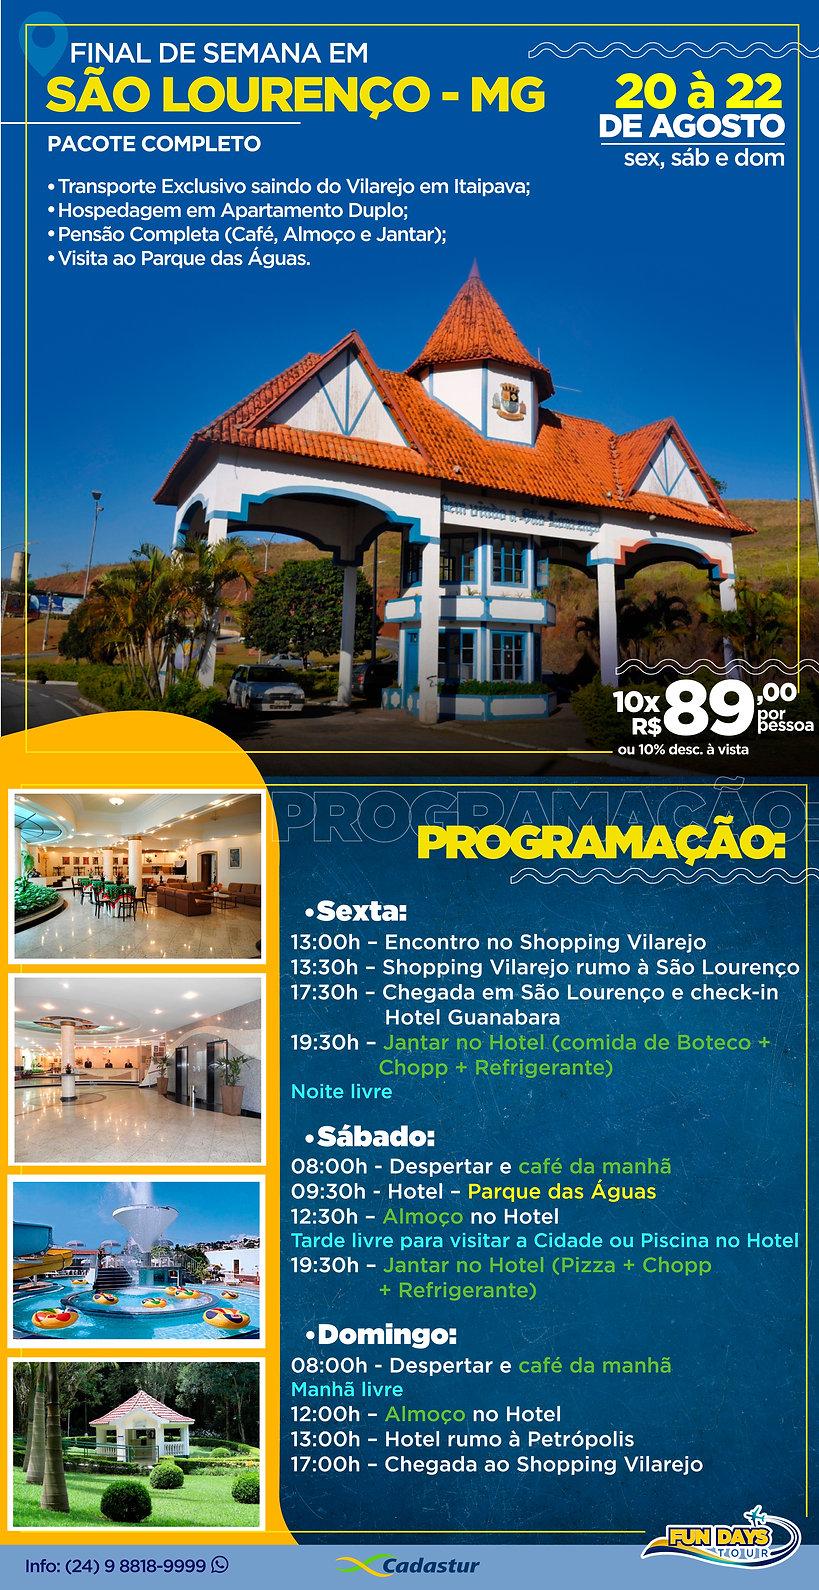 SÃO LOURENÇO - PDF-01.jpg